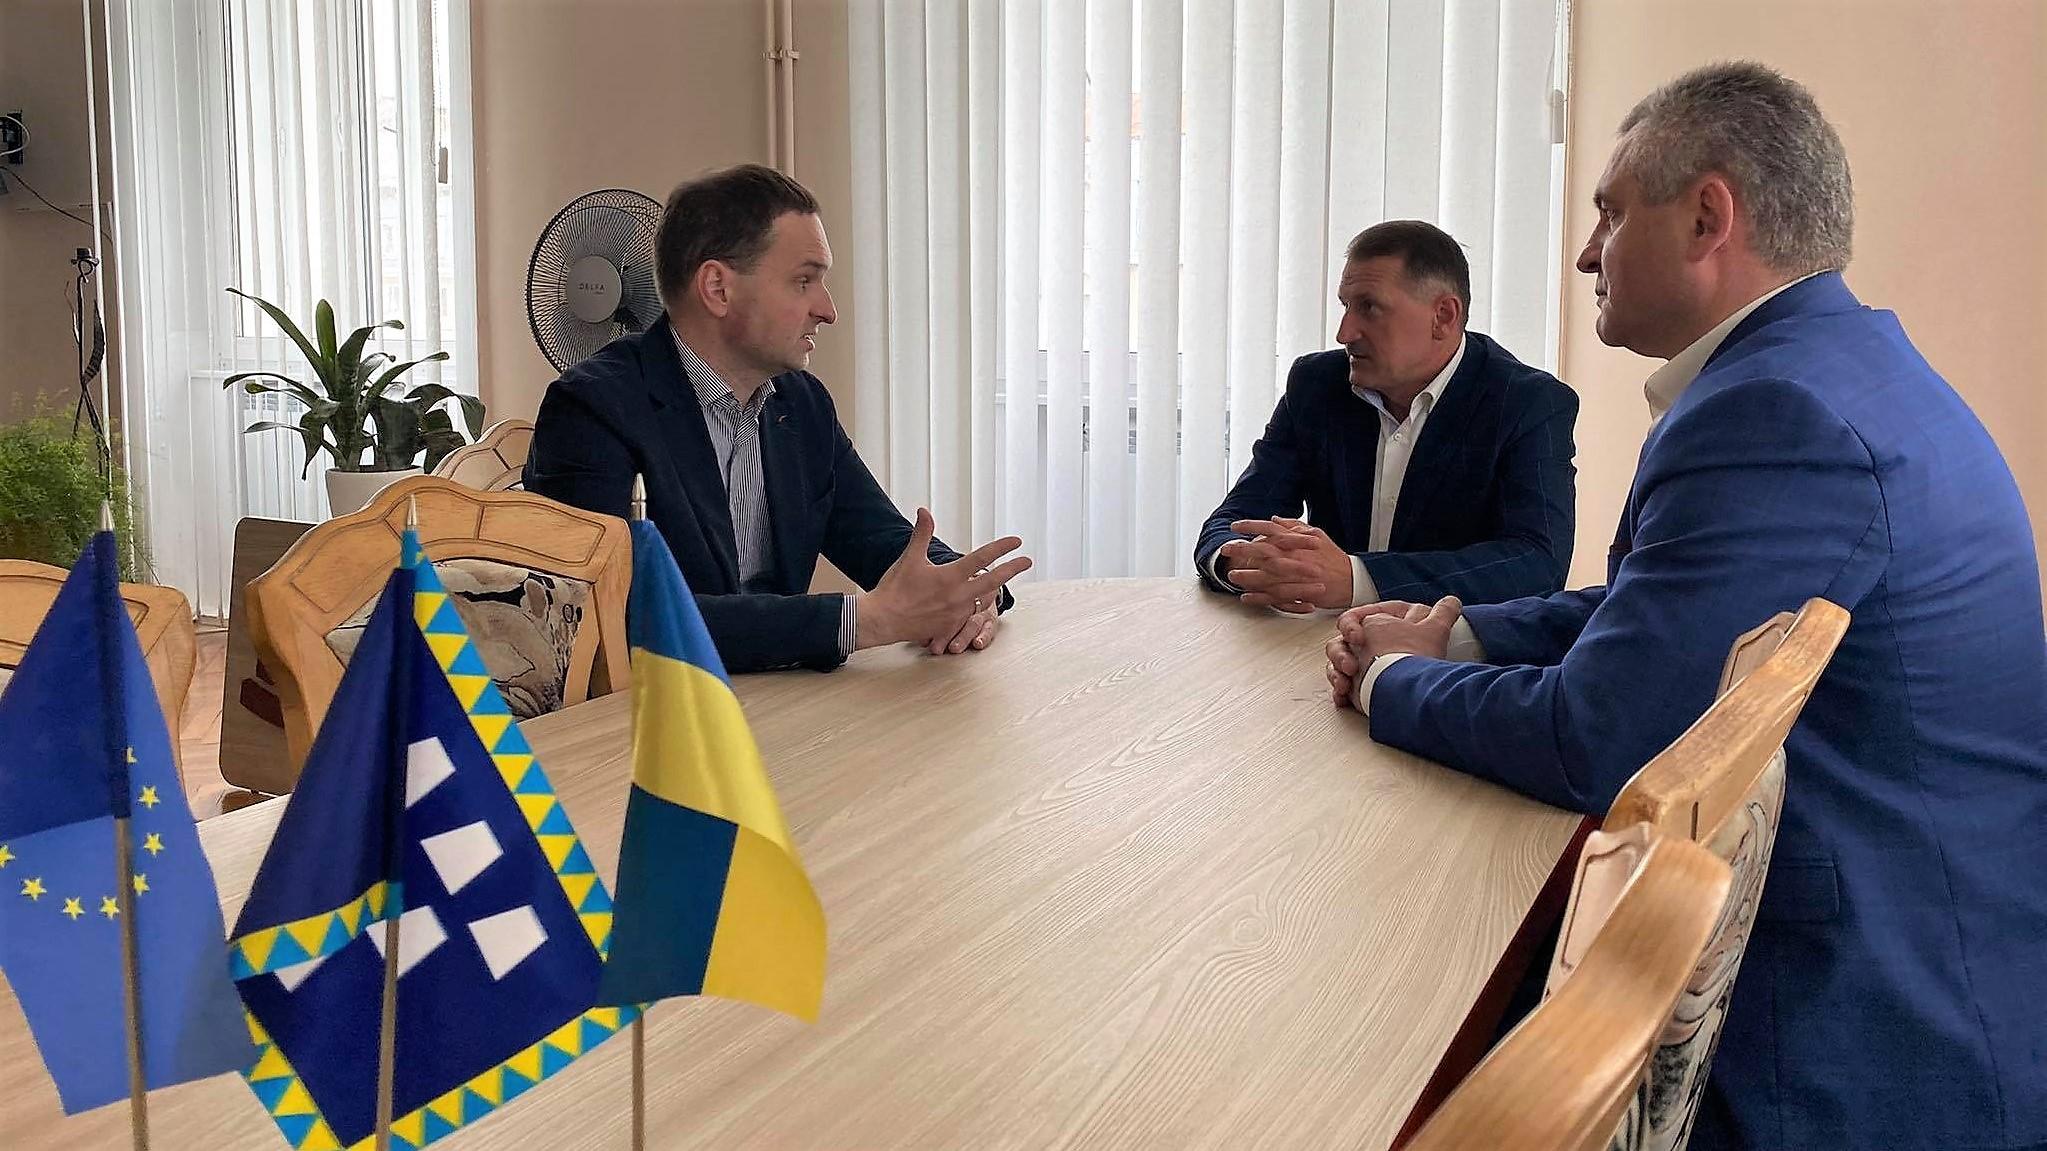 Очільник департаменту охорони здоров'я ЛОДА Орест Чемерис відзначив зміни в охороні здоров'я Дрогобицької громади